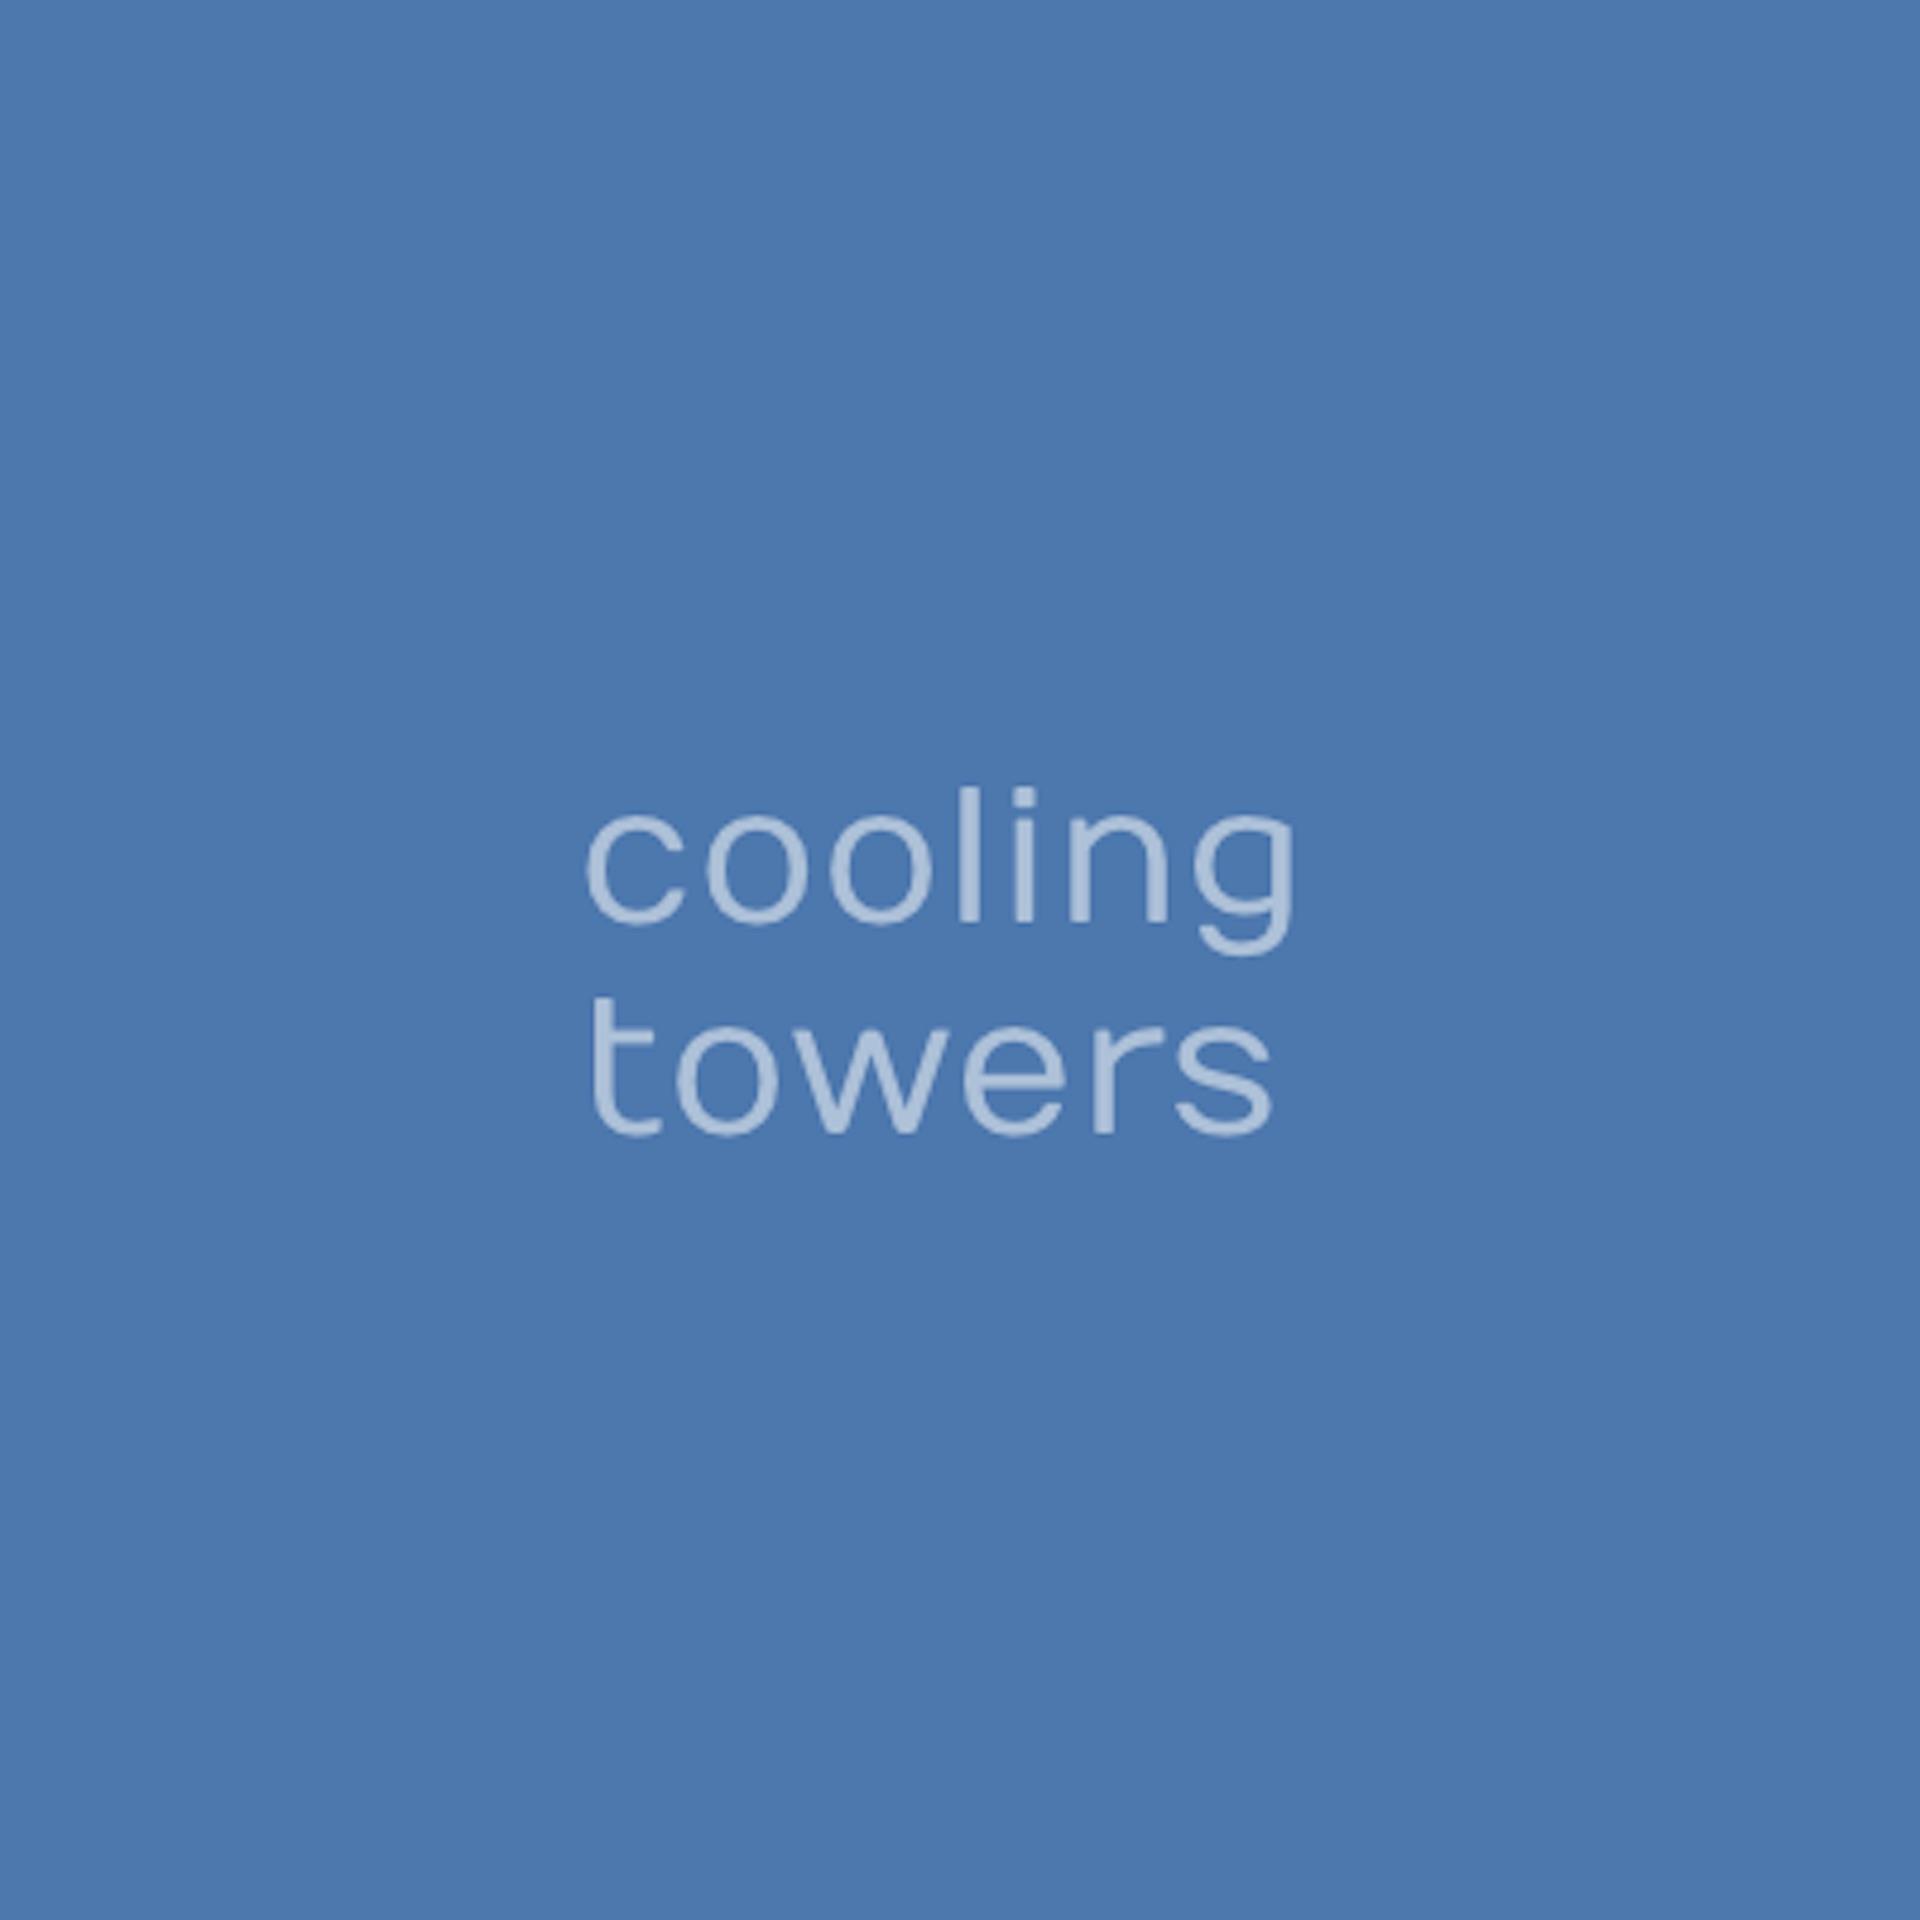 GWA_cooling_towers_Gesellschaft_fuer_Waerme_und_Anlagentechnik_mbH_monochrom